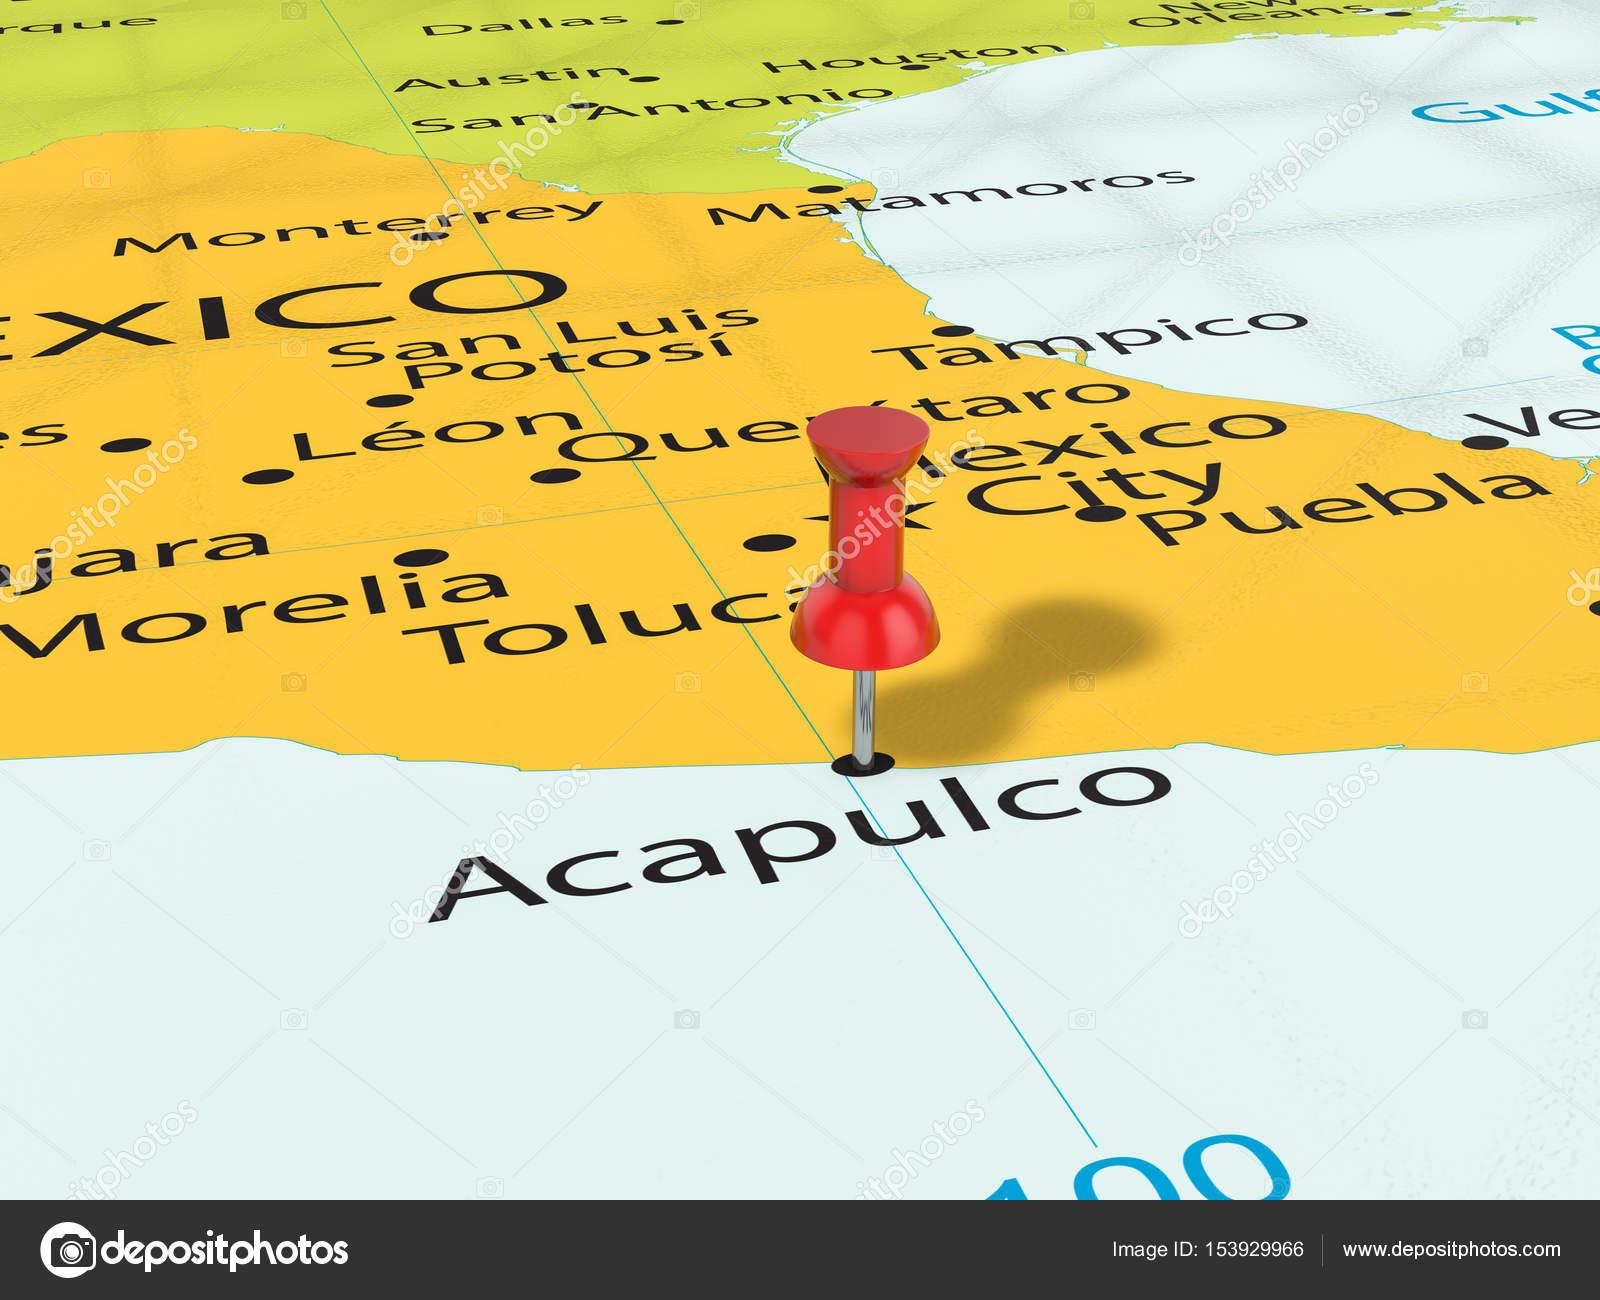 Pushpin on Acapulco map Stock Photo julydfg 153929966